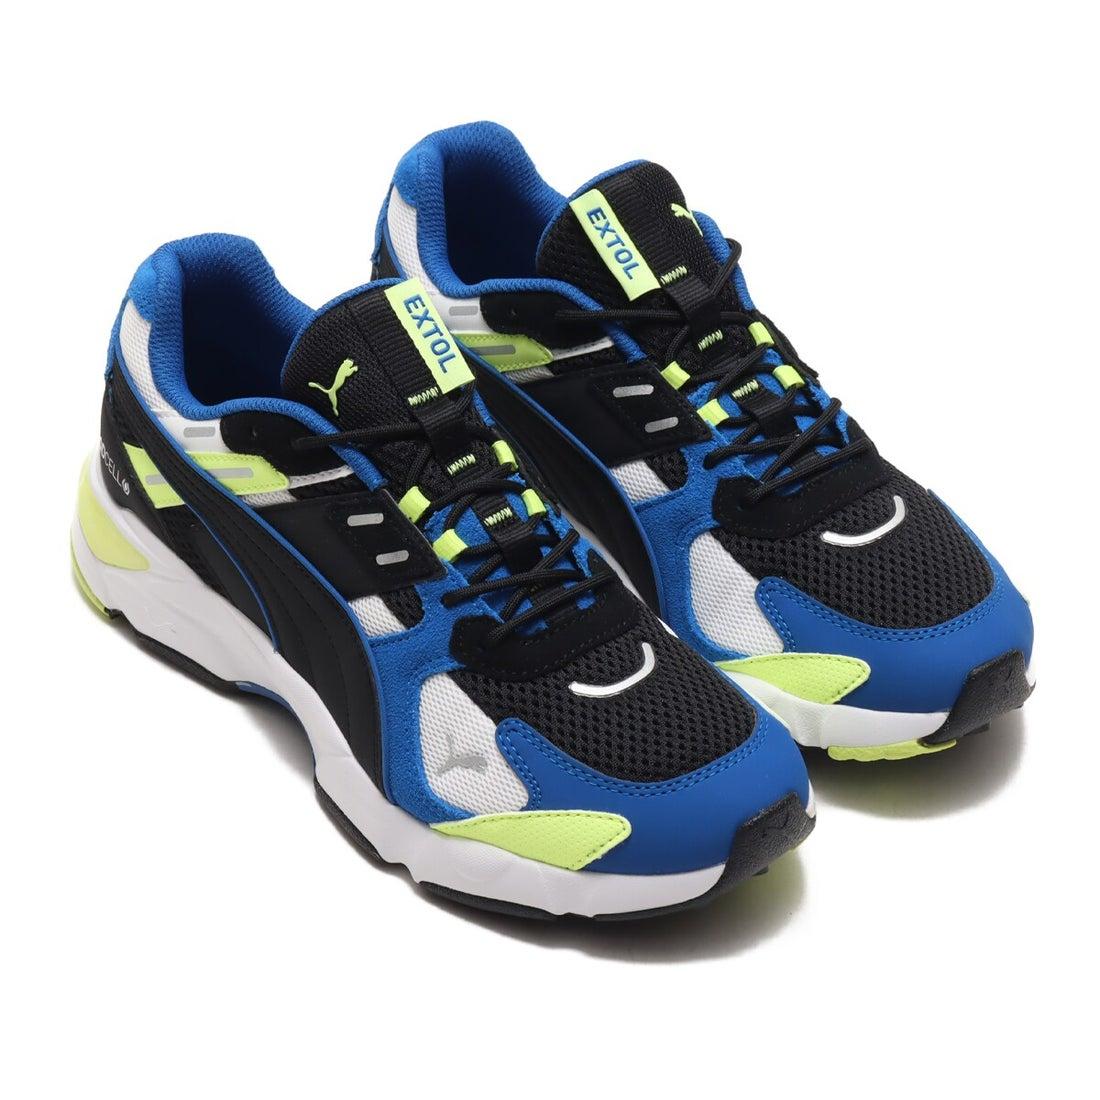 ロコンド 靴とファッションの通販サイトプーマ PUMA LQD CELL EXTOL ARCHIVE (BLACK)